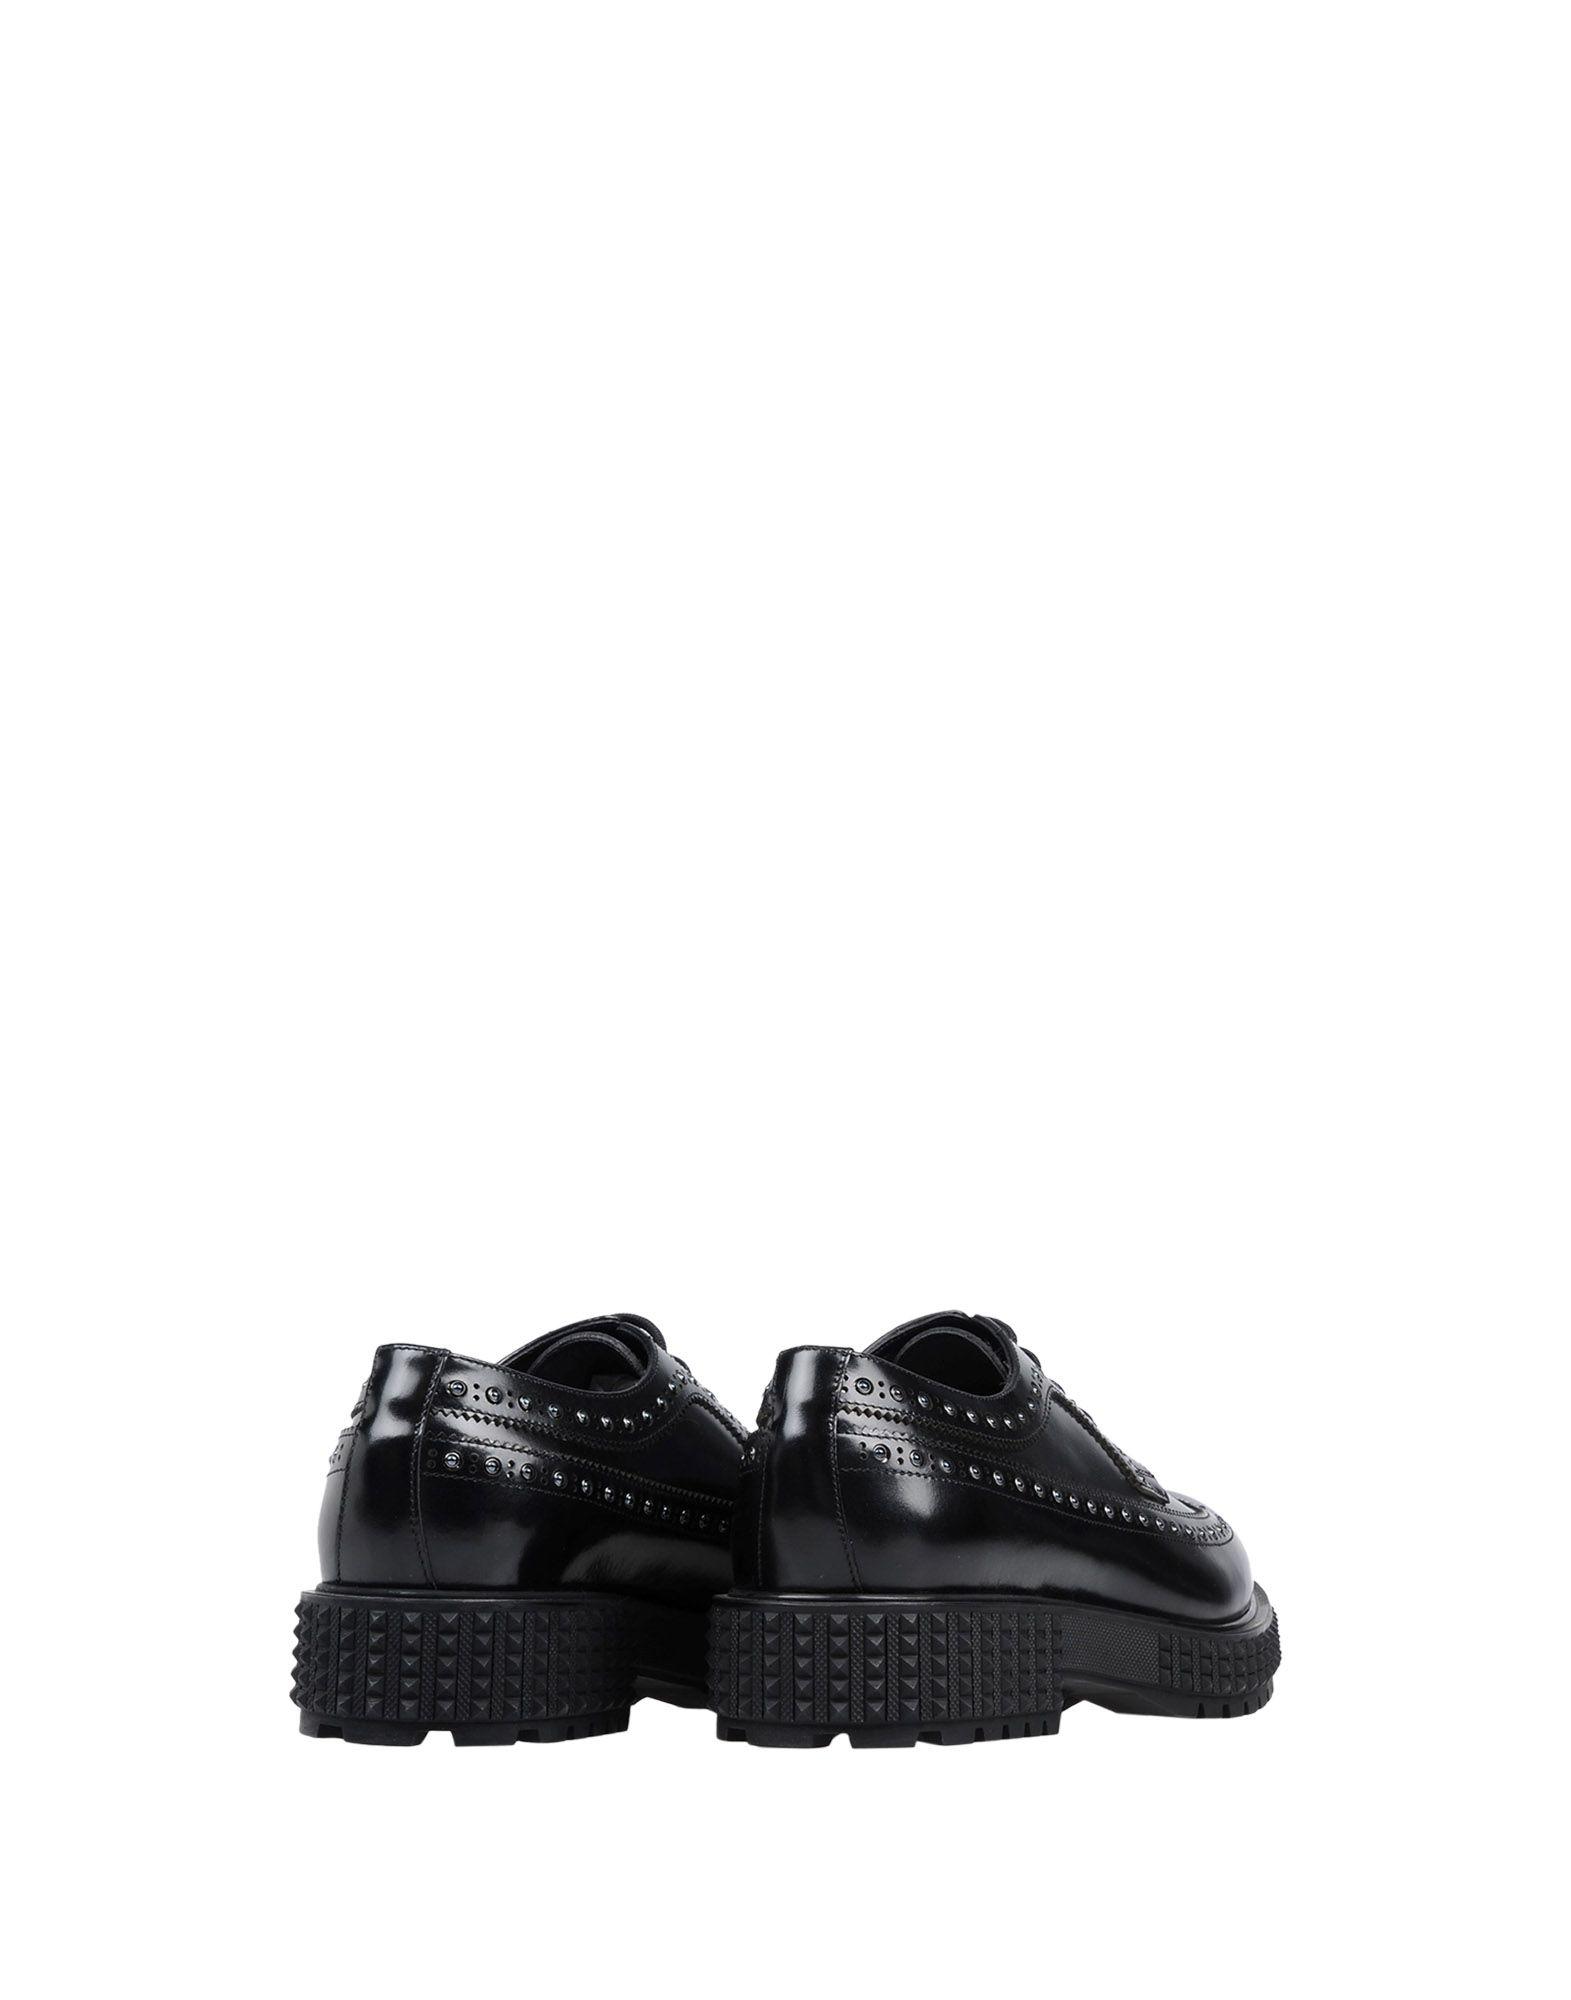 Valentino Garavani Schnürschuhe Herren  Schuhe 11488901IC Gute Qualität beliebte Schuhe  cb2b72